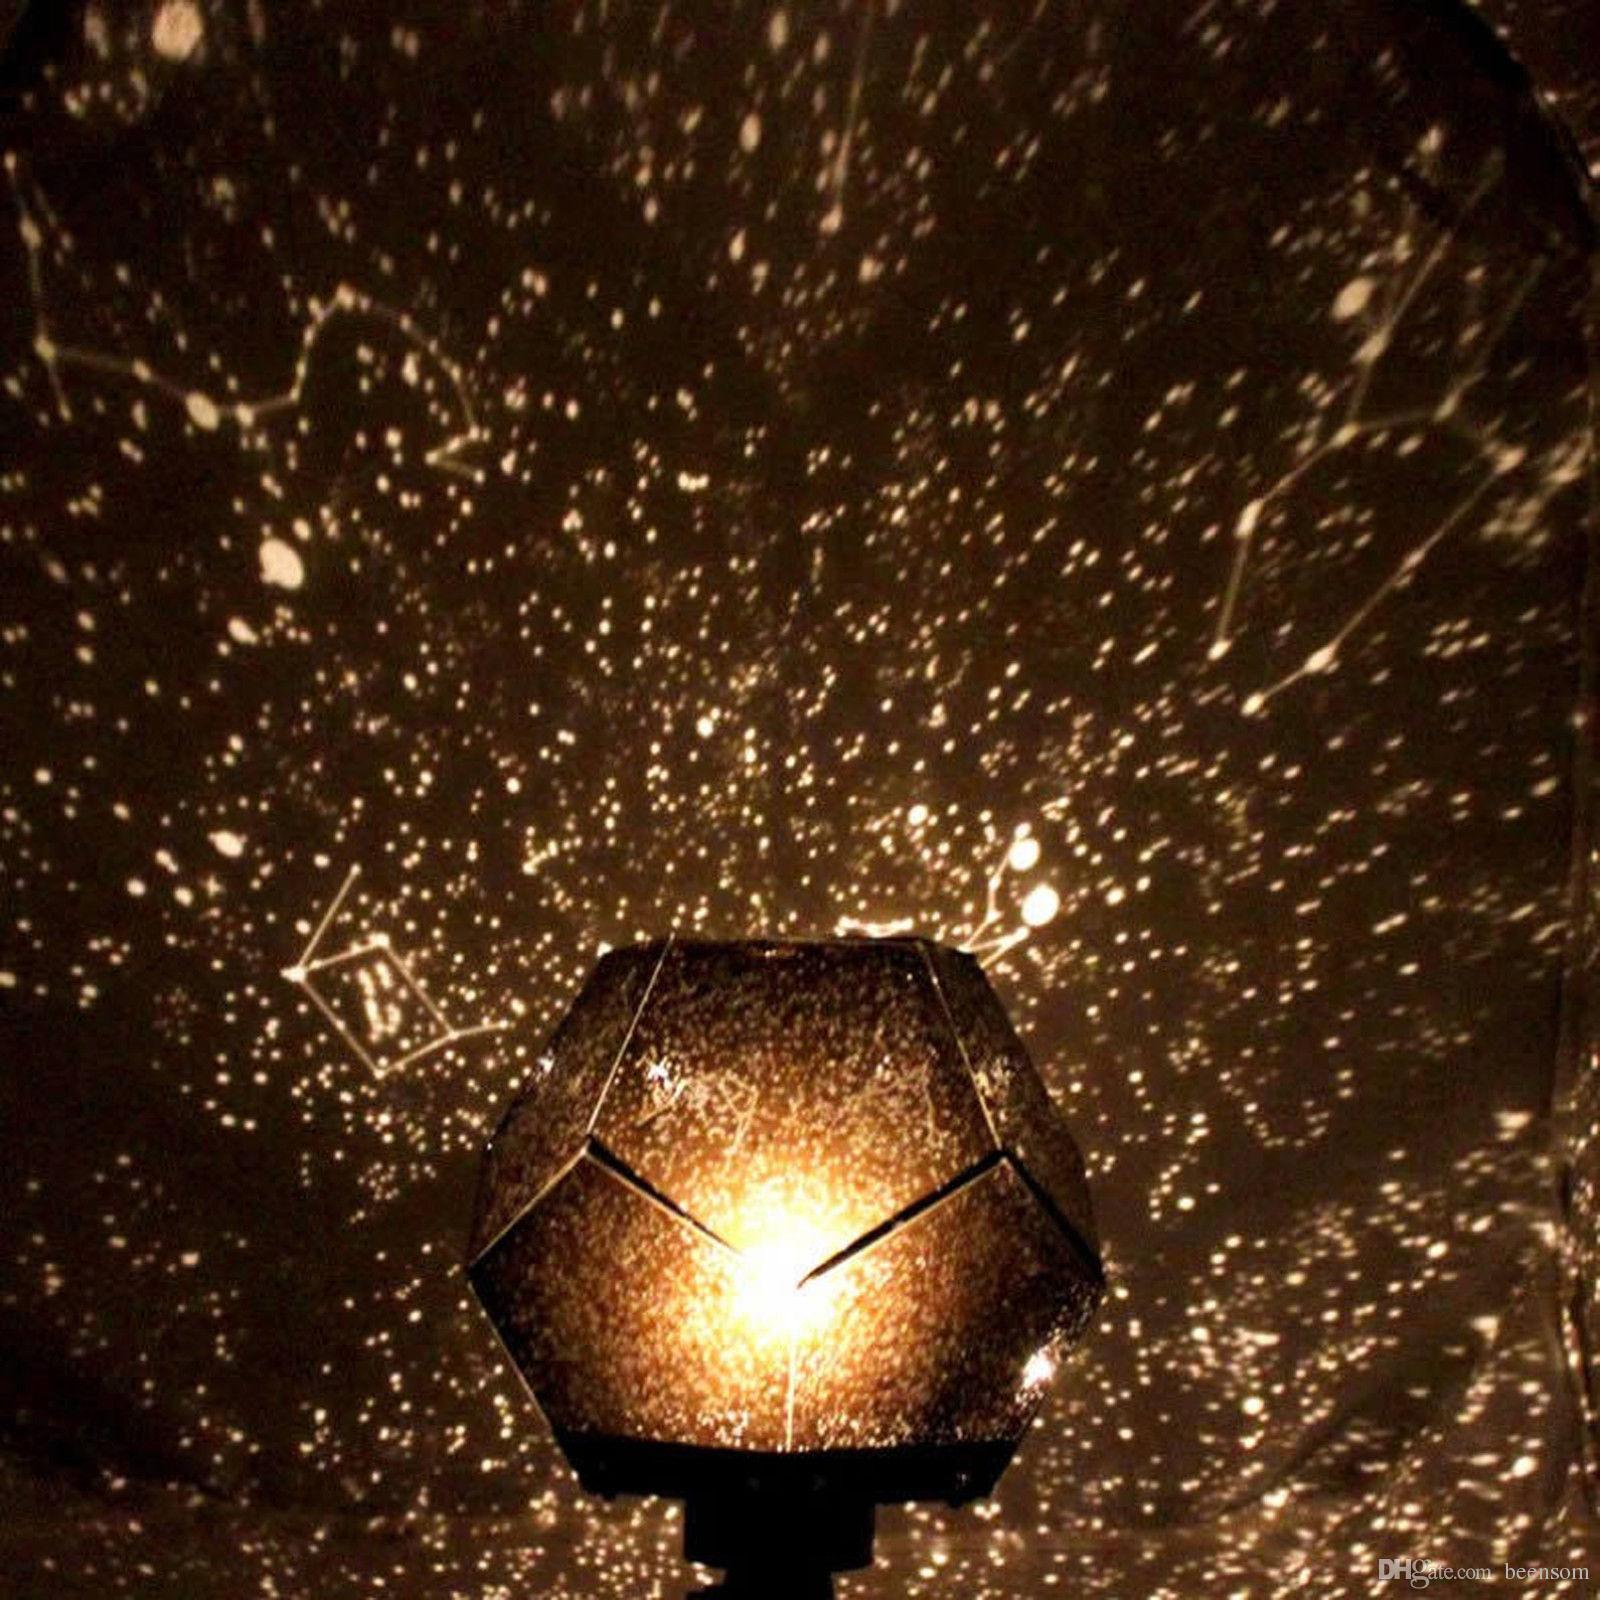 Night light projector lamp - Hot Popular Diy Planetarium Led Night Light Star Celestial Projector Lamp Night Sky Light For Romantic